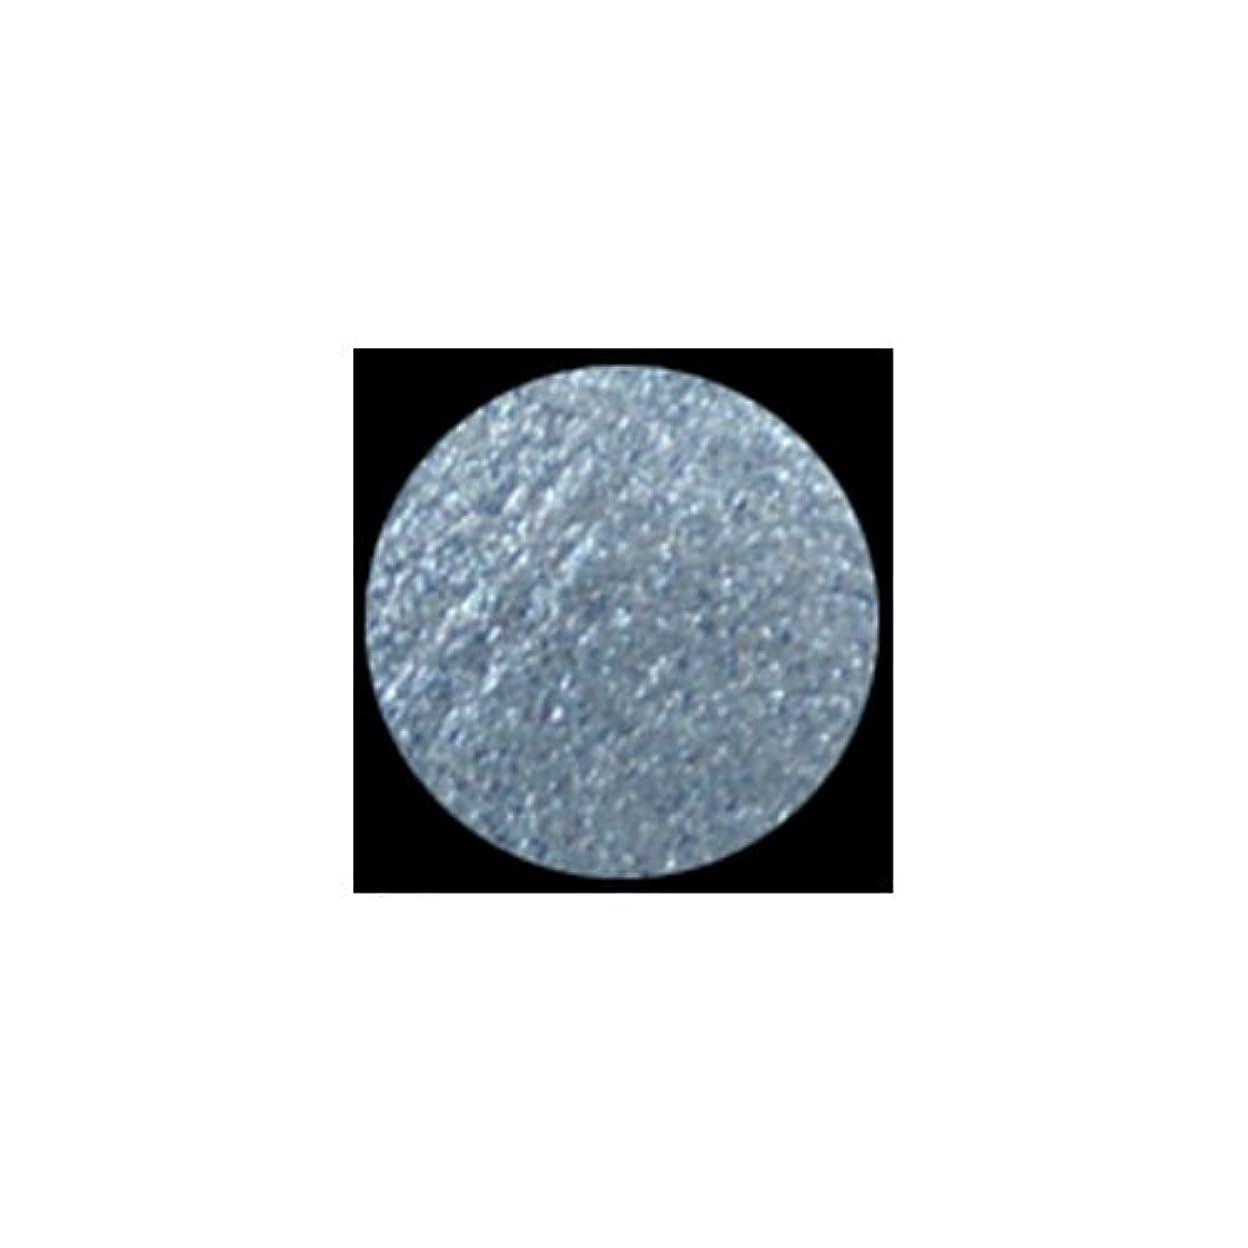 継承賠償カール(3 Pack) KLEANCOLOR American Eyedol (Wet/Dry Baked Eyeshadow) - Glitter Sapphire (並行輸入品)